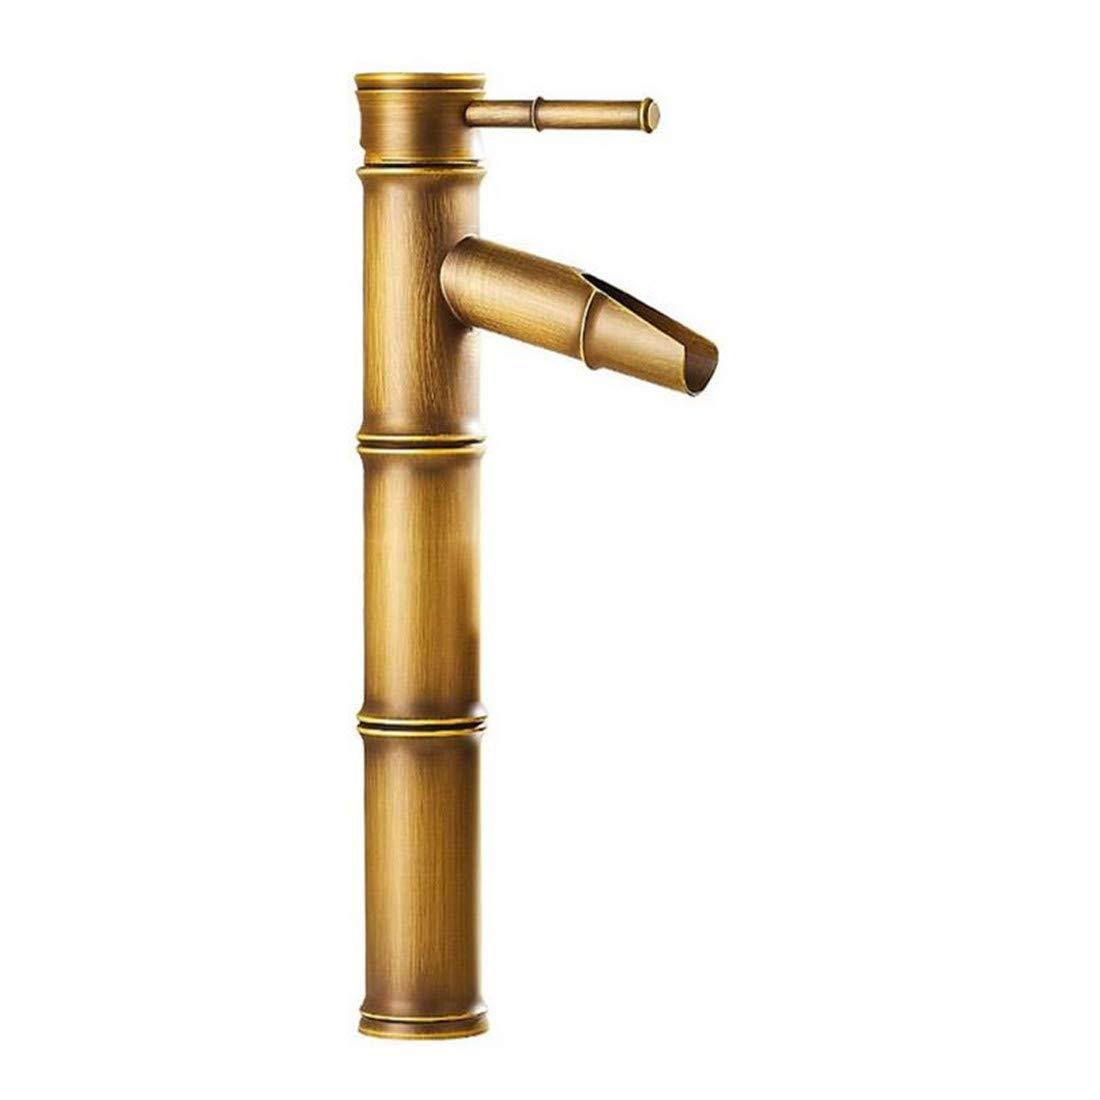 Kitchen Bath Basin Sink Bathroom Taps Sink Taps Bathroom Kitchen Sink Taps Hot and Cold Water Sink Faucet Ctzl2741